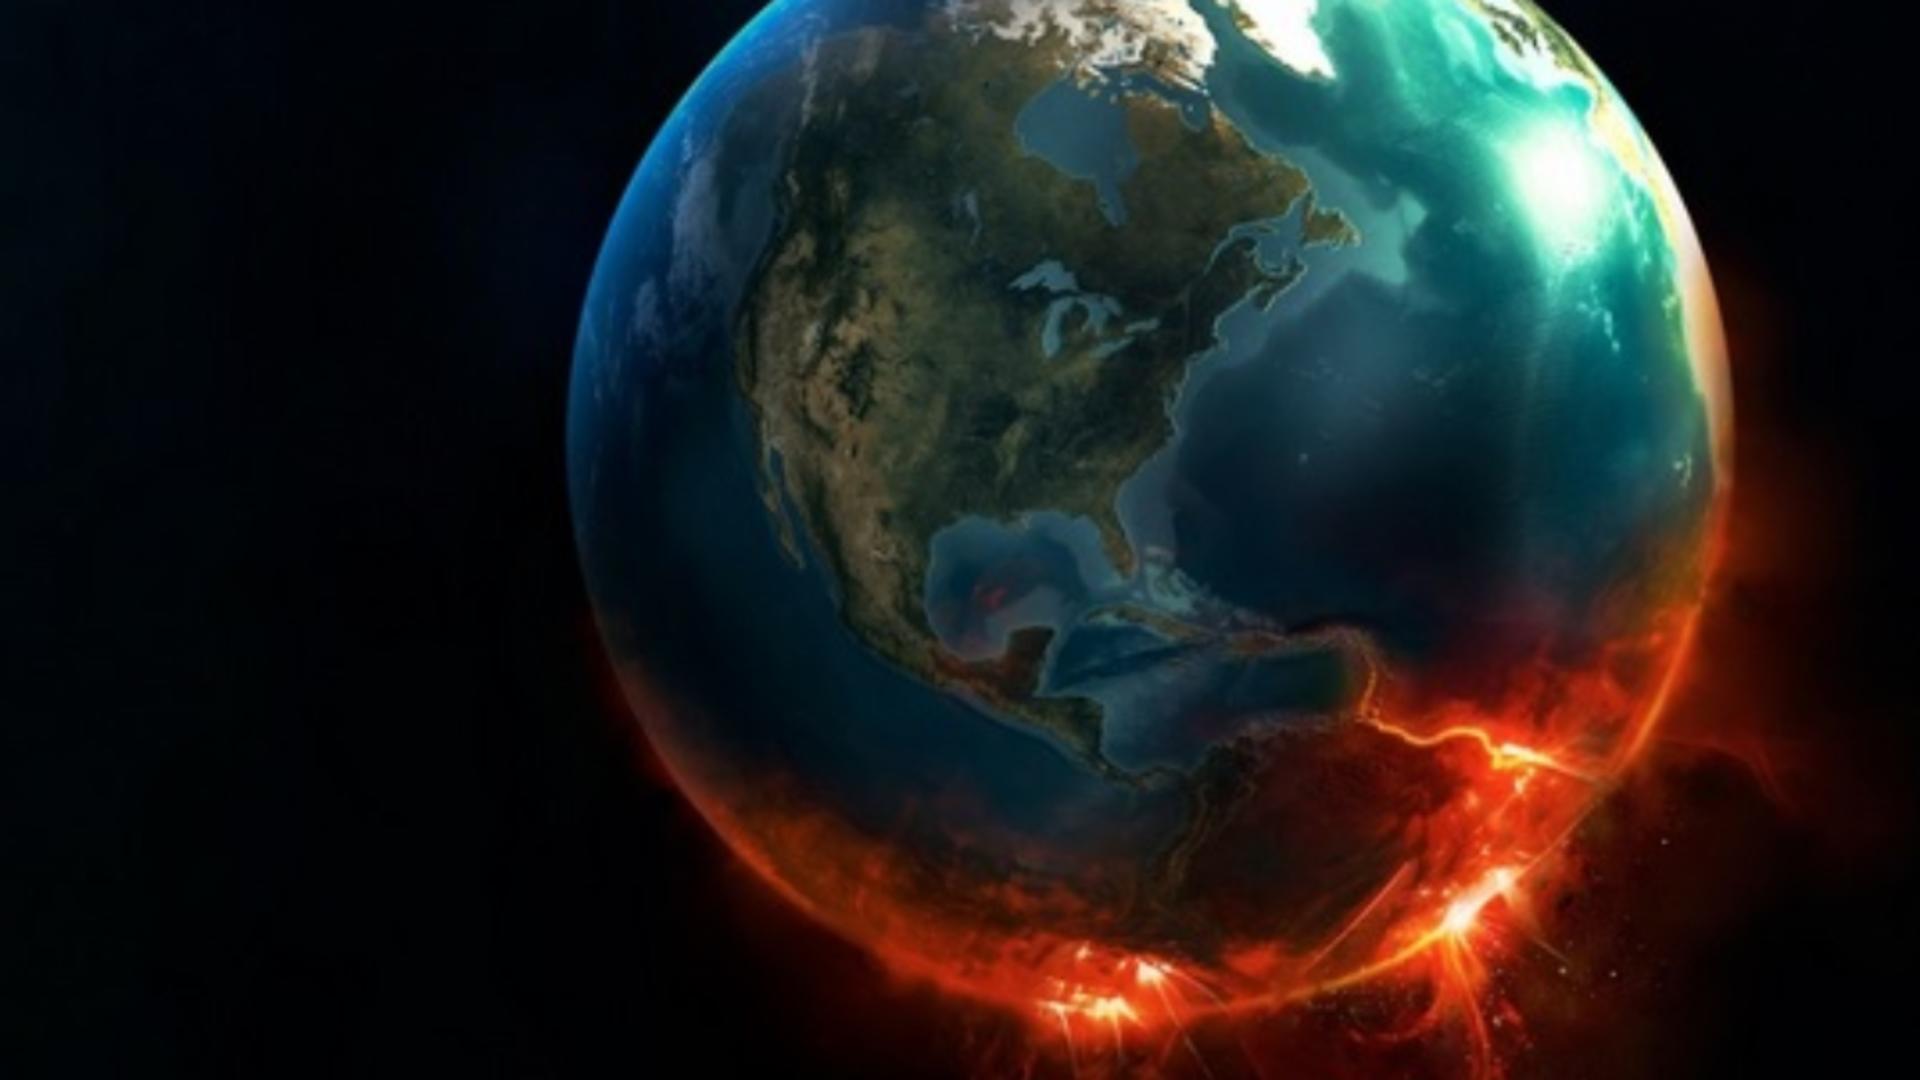 O furtună solară lovește Pământul cu o viteză de 600 de kilometri pe secundă